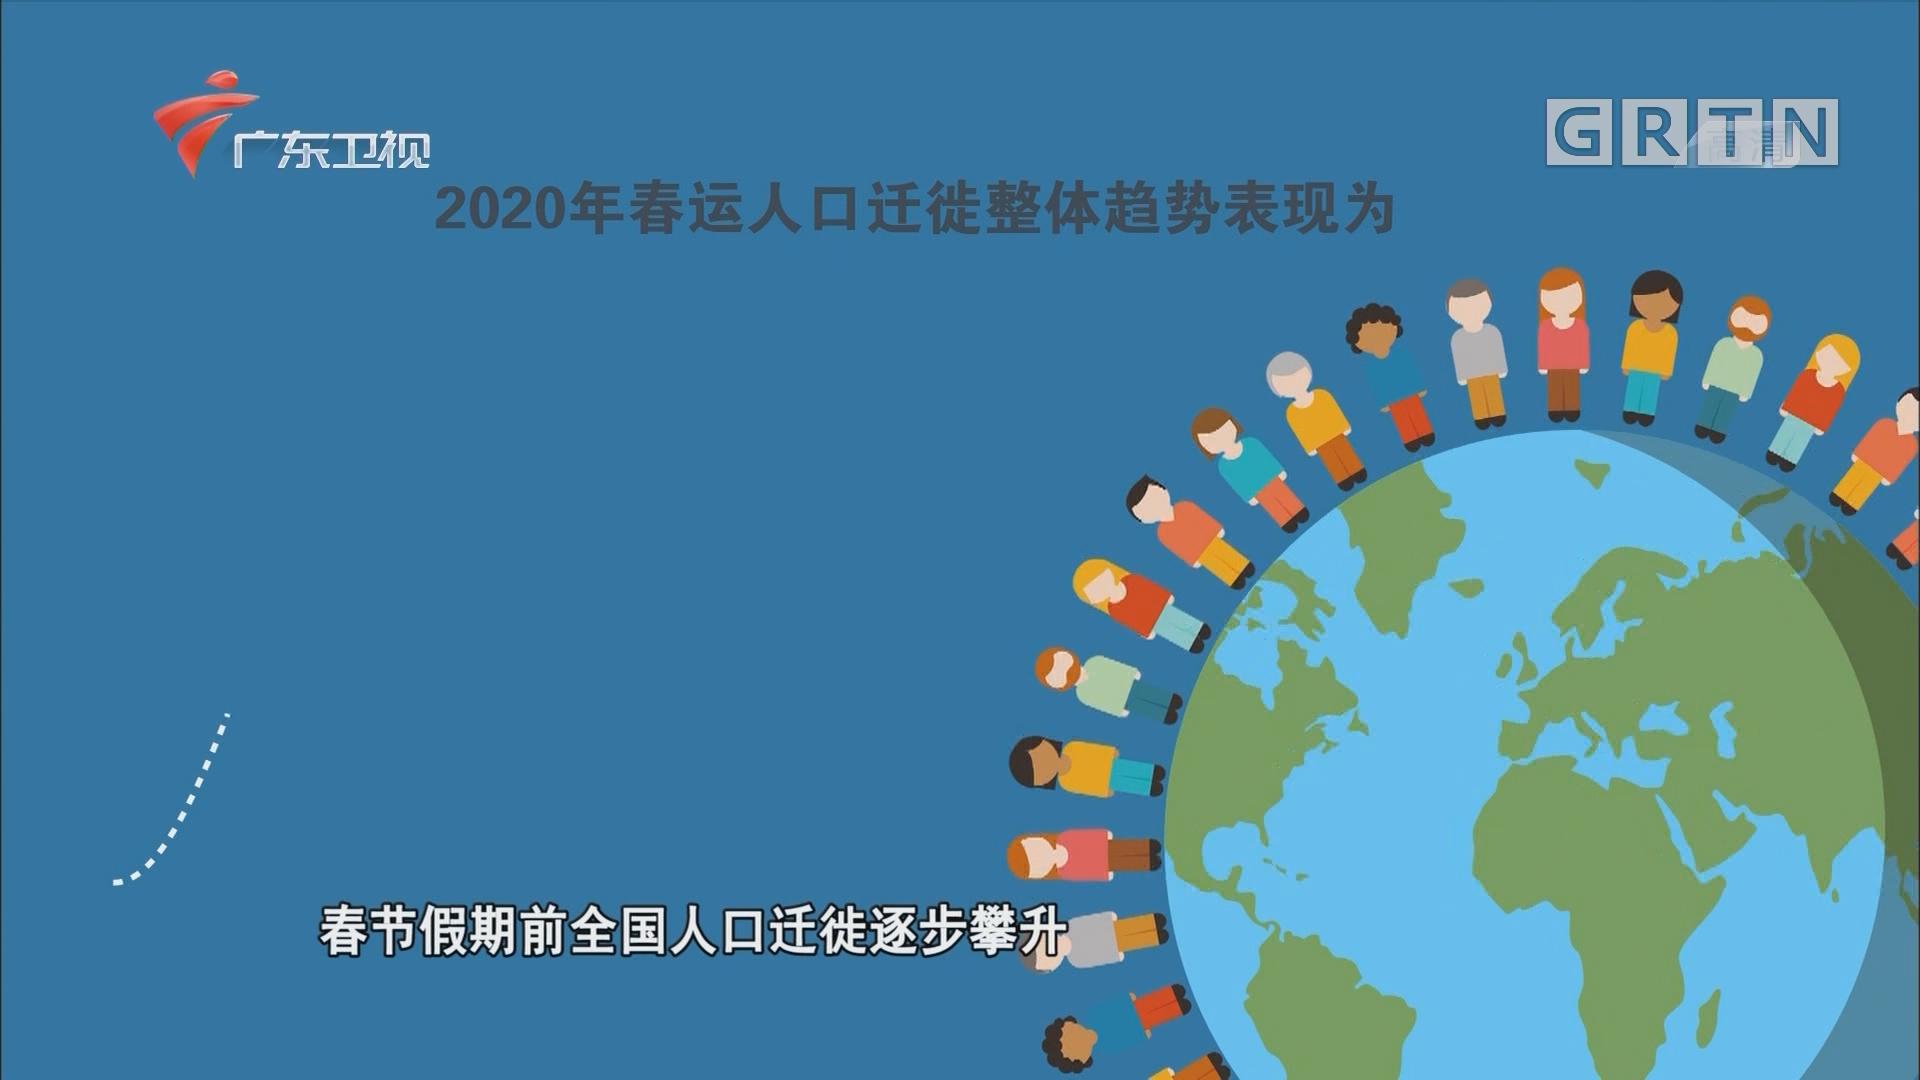 2020年春运人口迁徙整体趋势表现